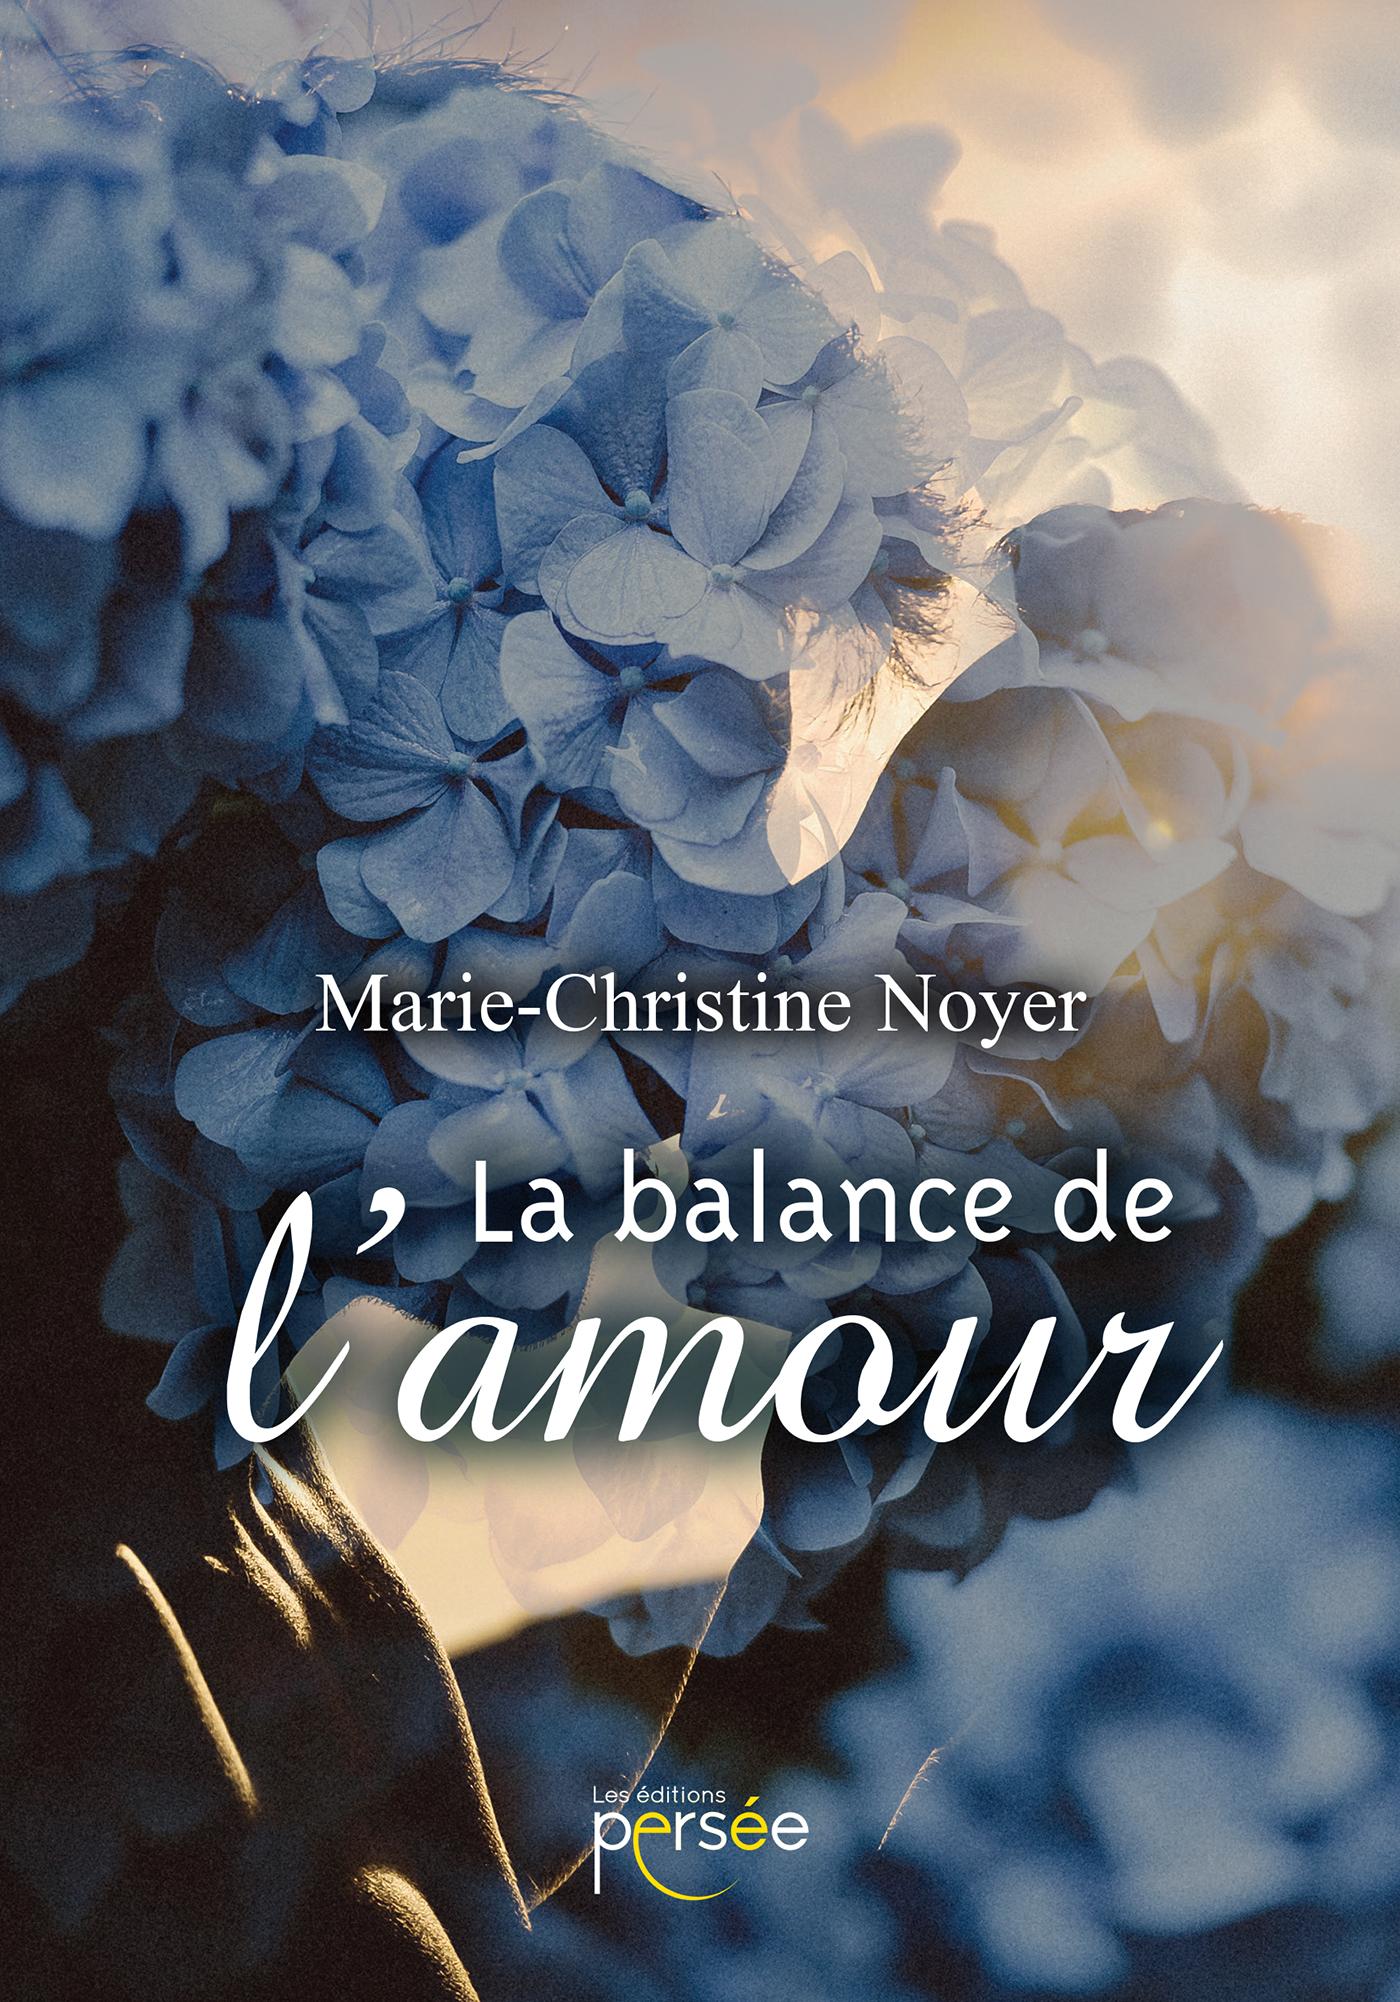 La balance de l'amour